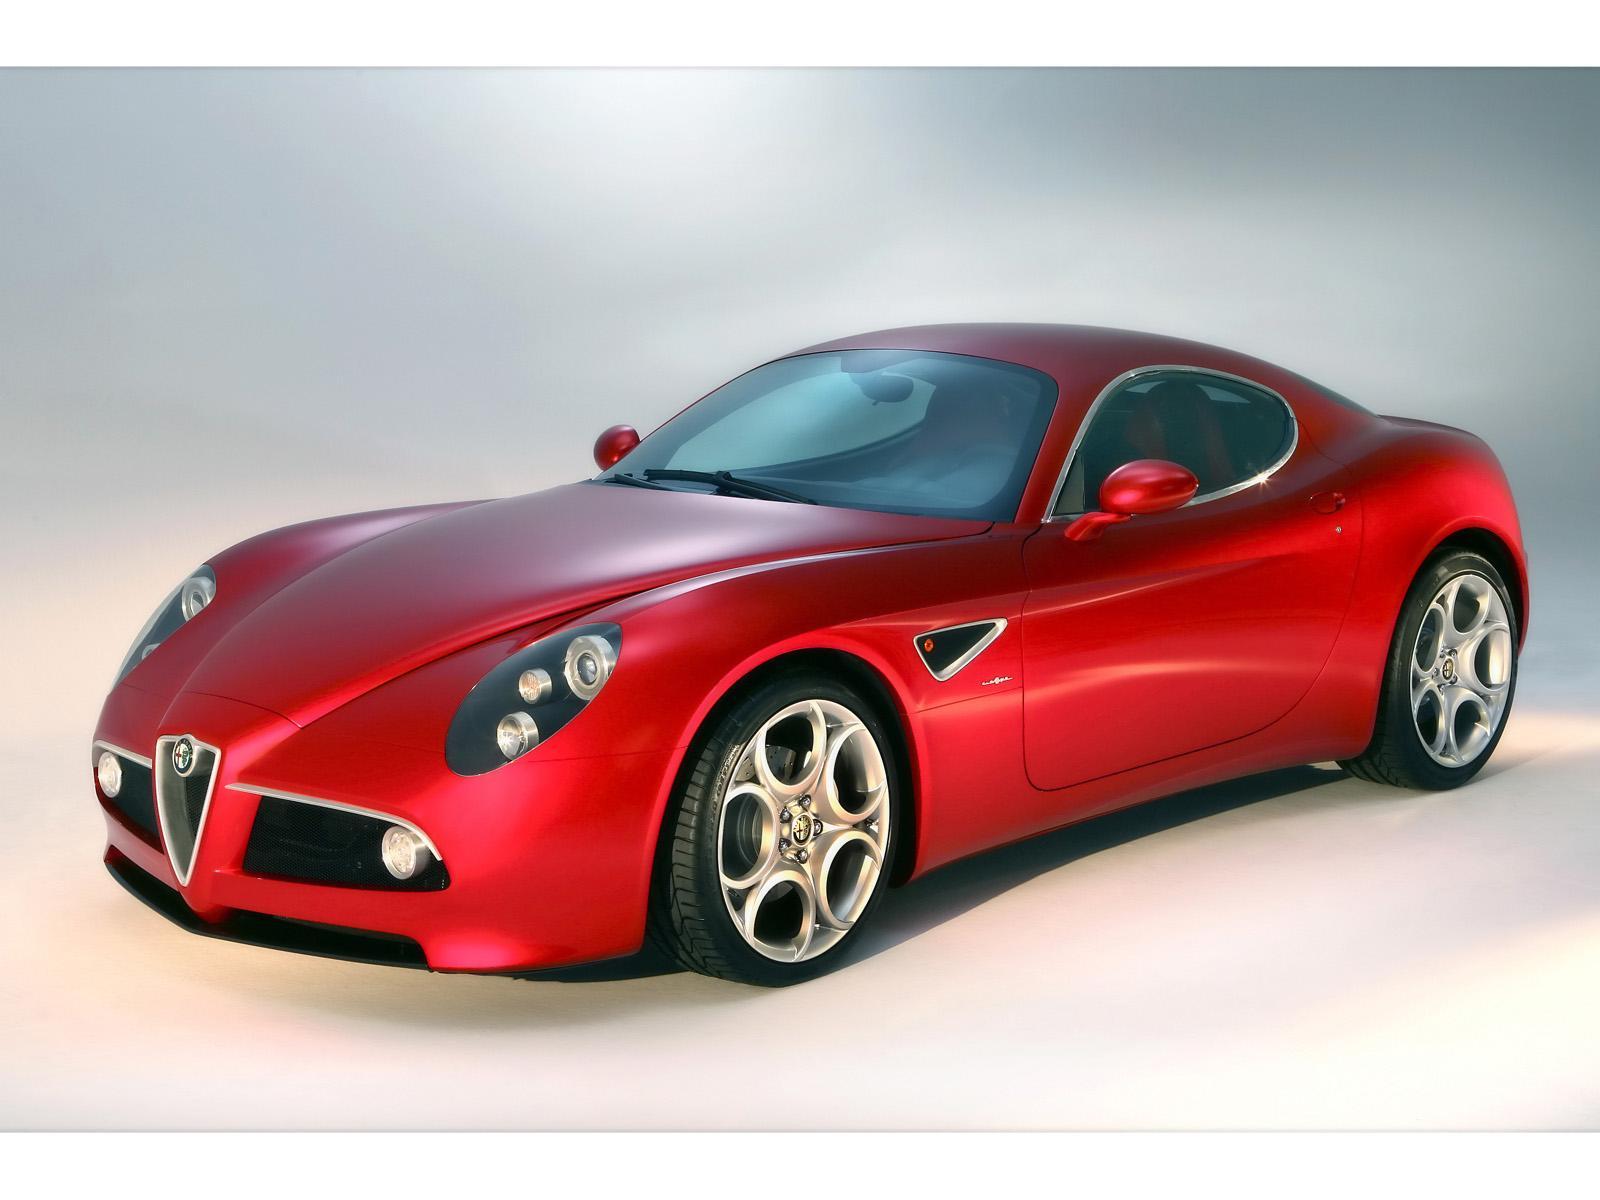 Alfa Romeo 8C Competizione Image Wallpapers Desktop Download Wallpaper